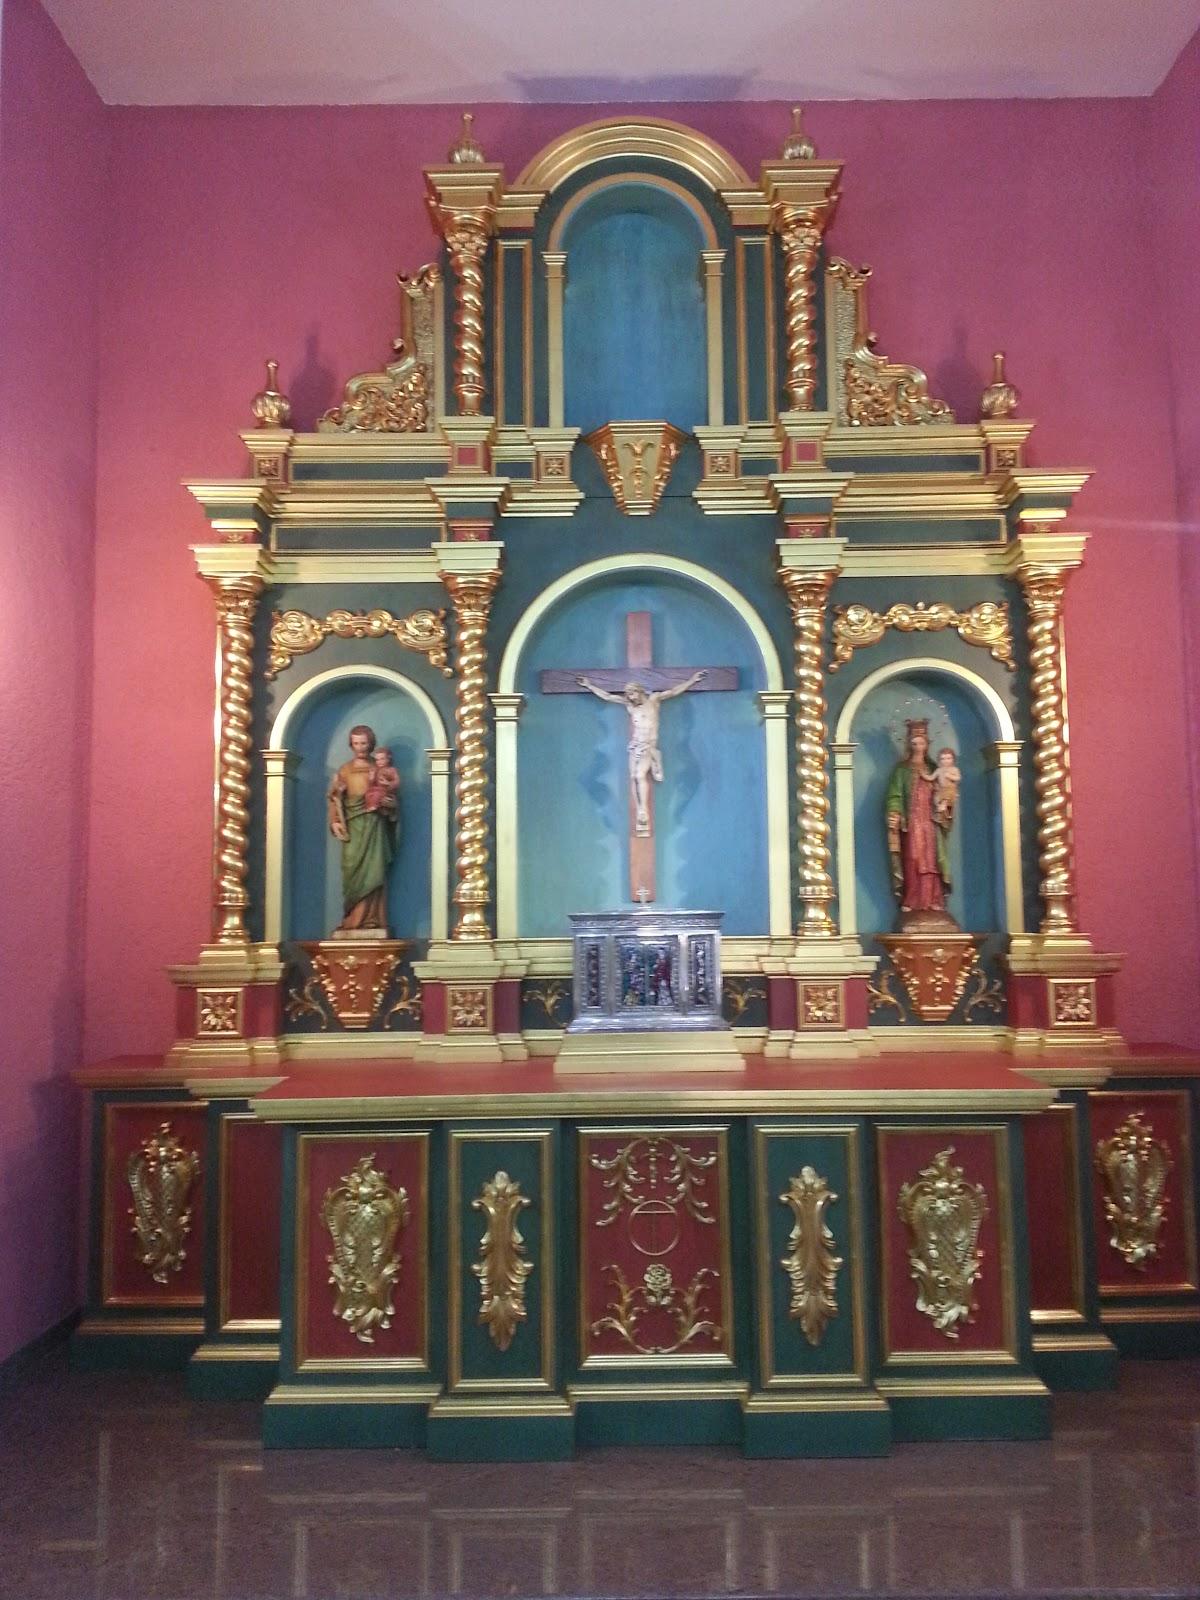 arquitectura sacra arquitecsa c a j 31439318 9 vitrales